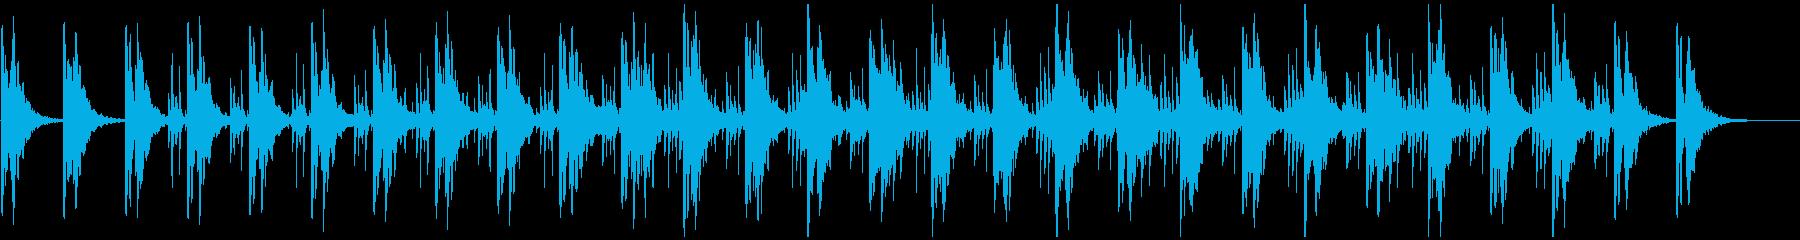 ミニマル系BGM(WAVバージョン)の再生済みの波形